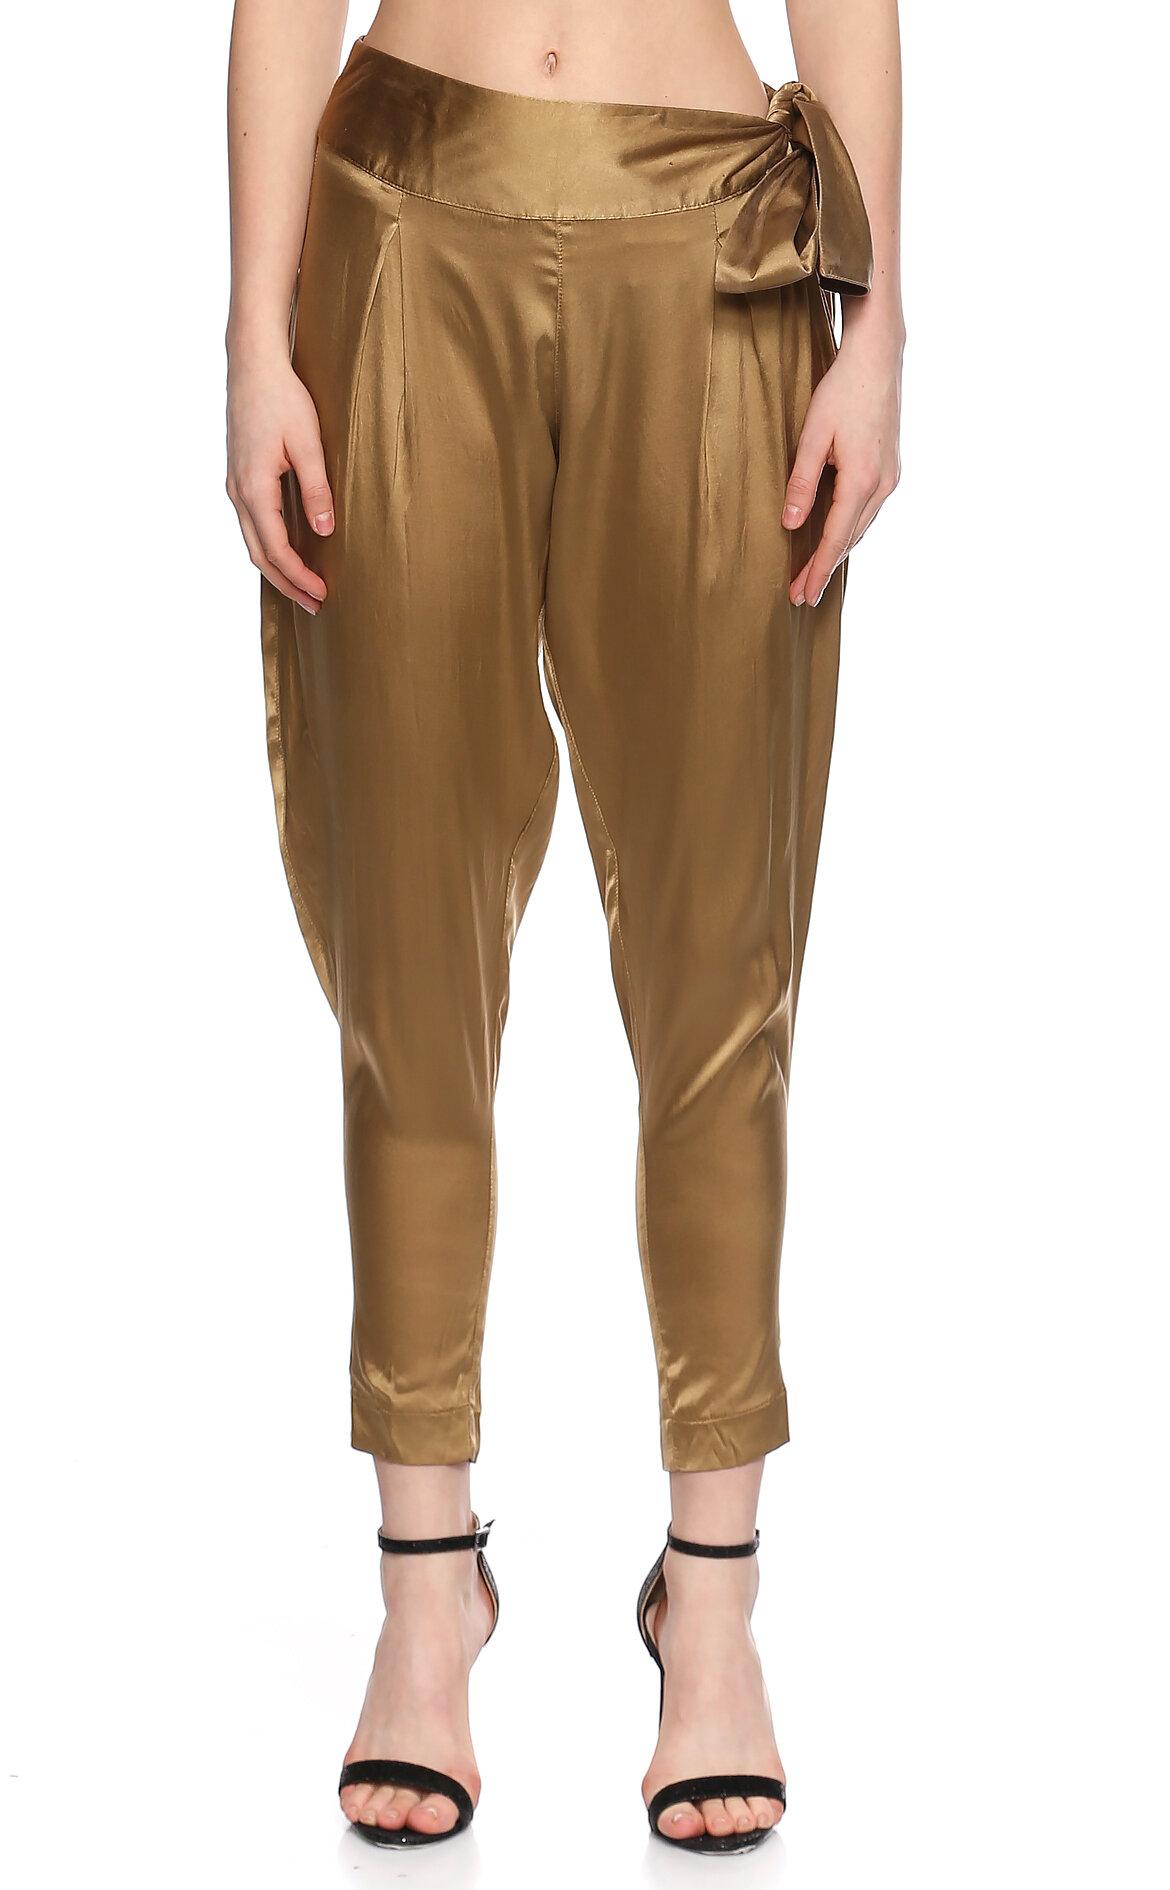 Ltd Jeans-Ltd Jeans Saten Şalvar Kesim Yağ Yeşili Pantolon